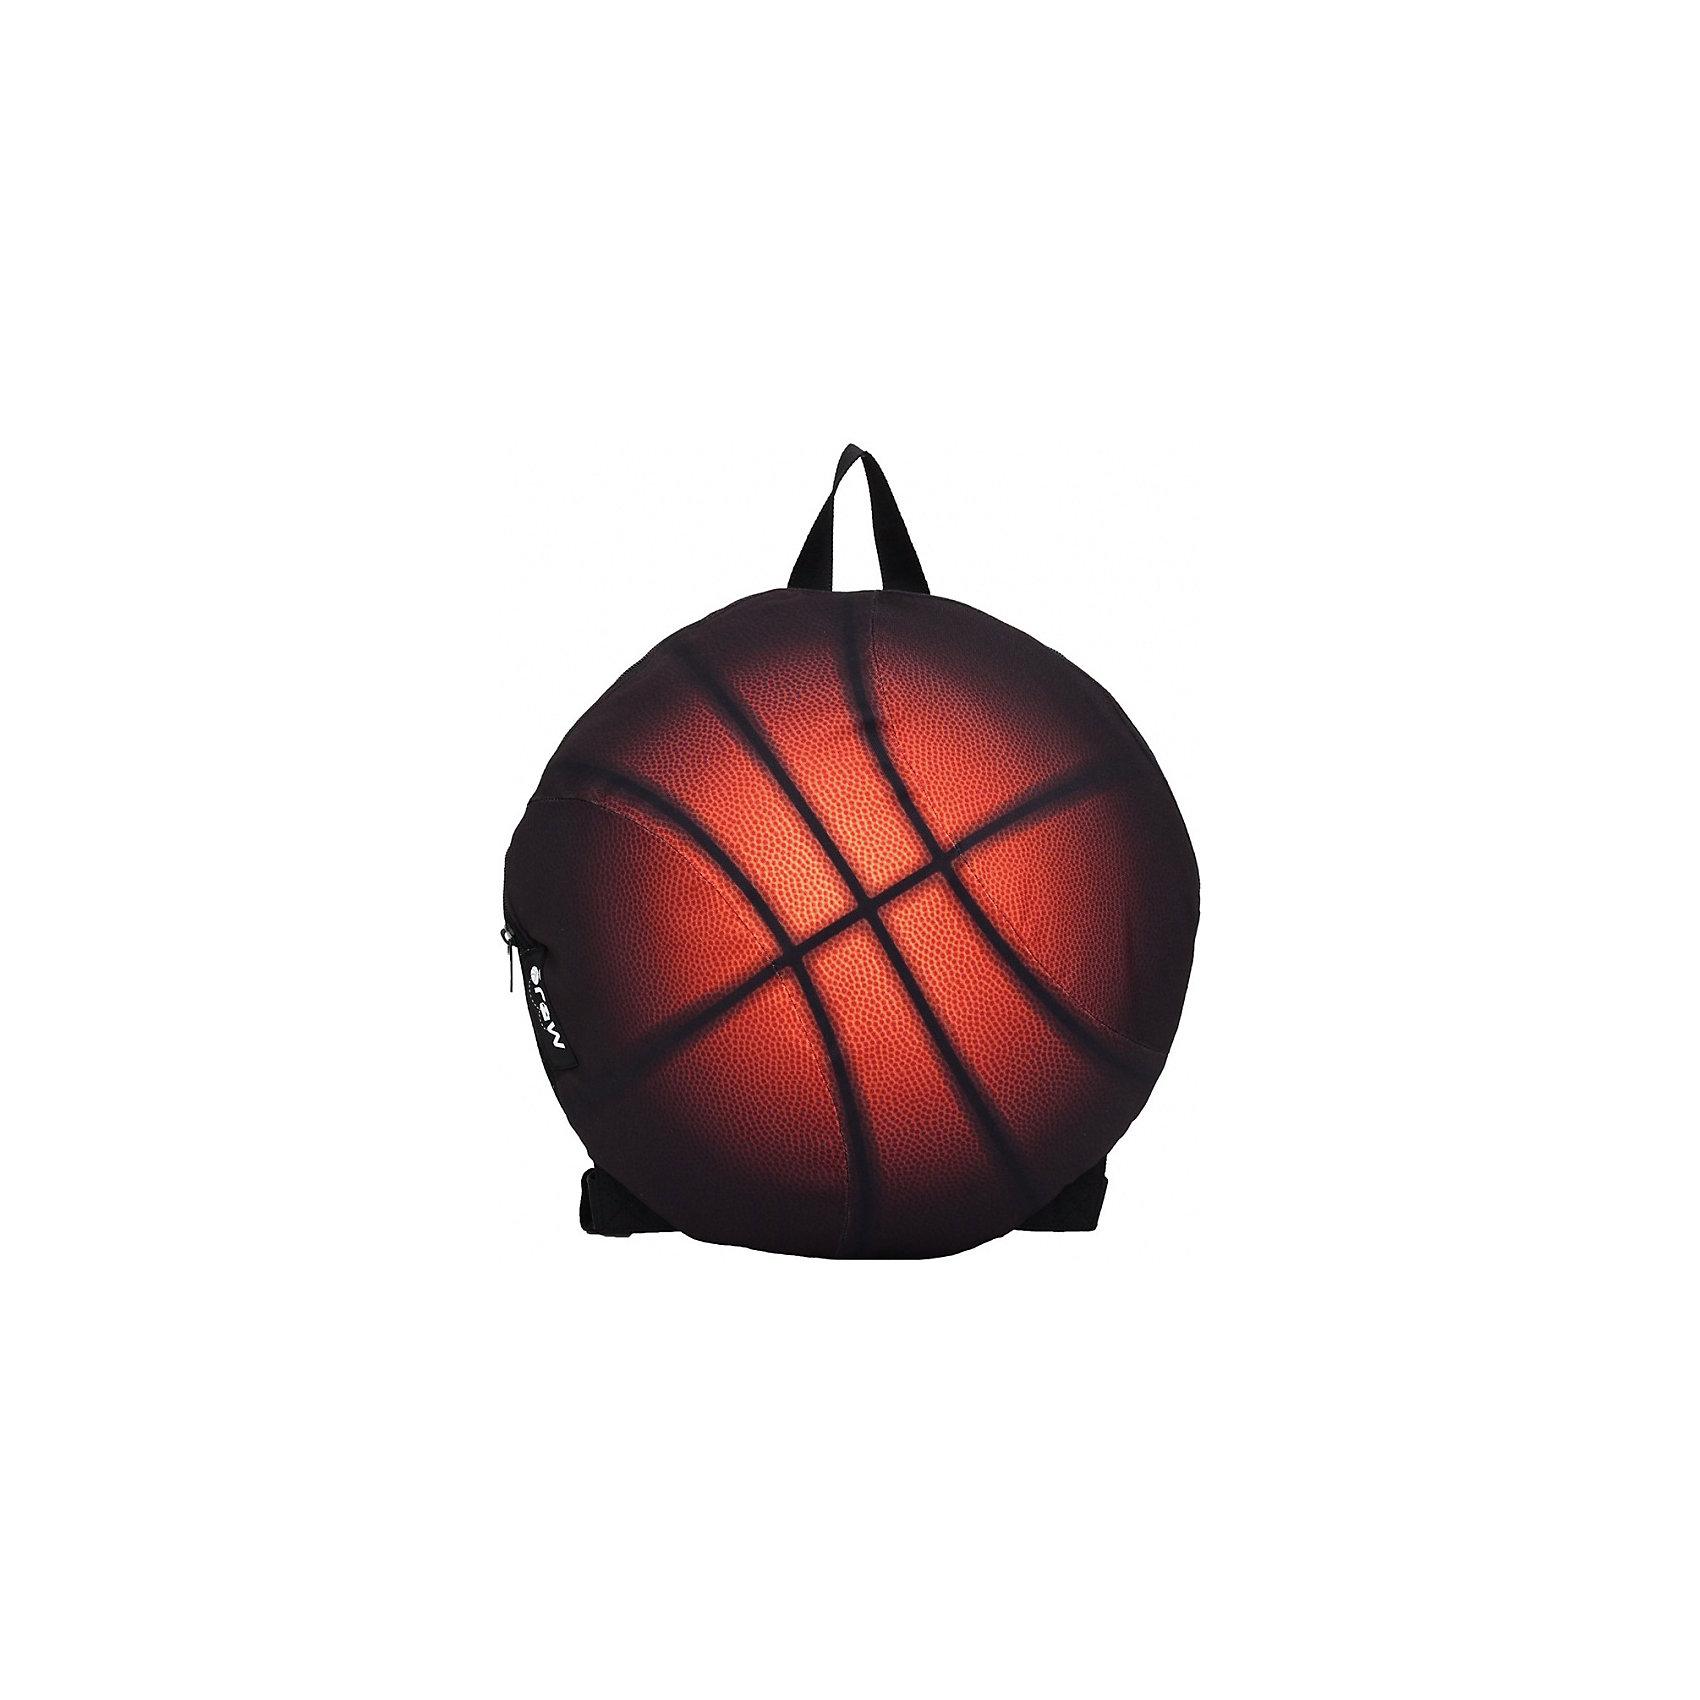 Рюкзак Sport Bascket Ball, цвет оранжевыйЭтот стильный рюкзак от Mojo прекрасно сочетает в себе черты спорта и динамичного городского стиля. Рюкзак в виде баскетбольного мяча смотрится очень броско, стильно и оригинально.<br><br>Ширина мм: 43<br>Глубина мм: 30<br>Высота мм: 16<br>Вес г: 700<br>Возраст от месяцев: 84<br>Возраст до месяцев: 420<br>Пол: Унисекс<br>Возраст: Детский<br>SKU: 5344343